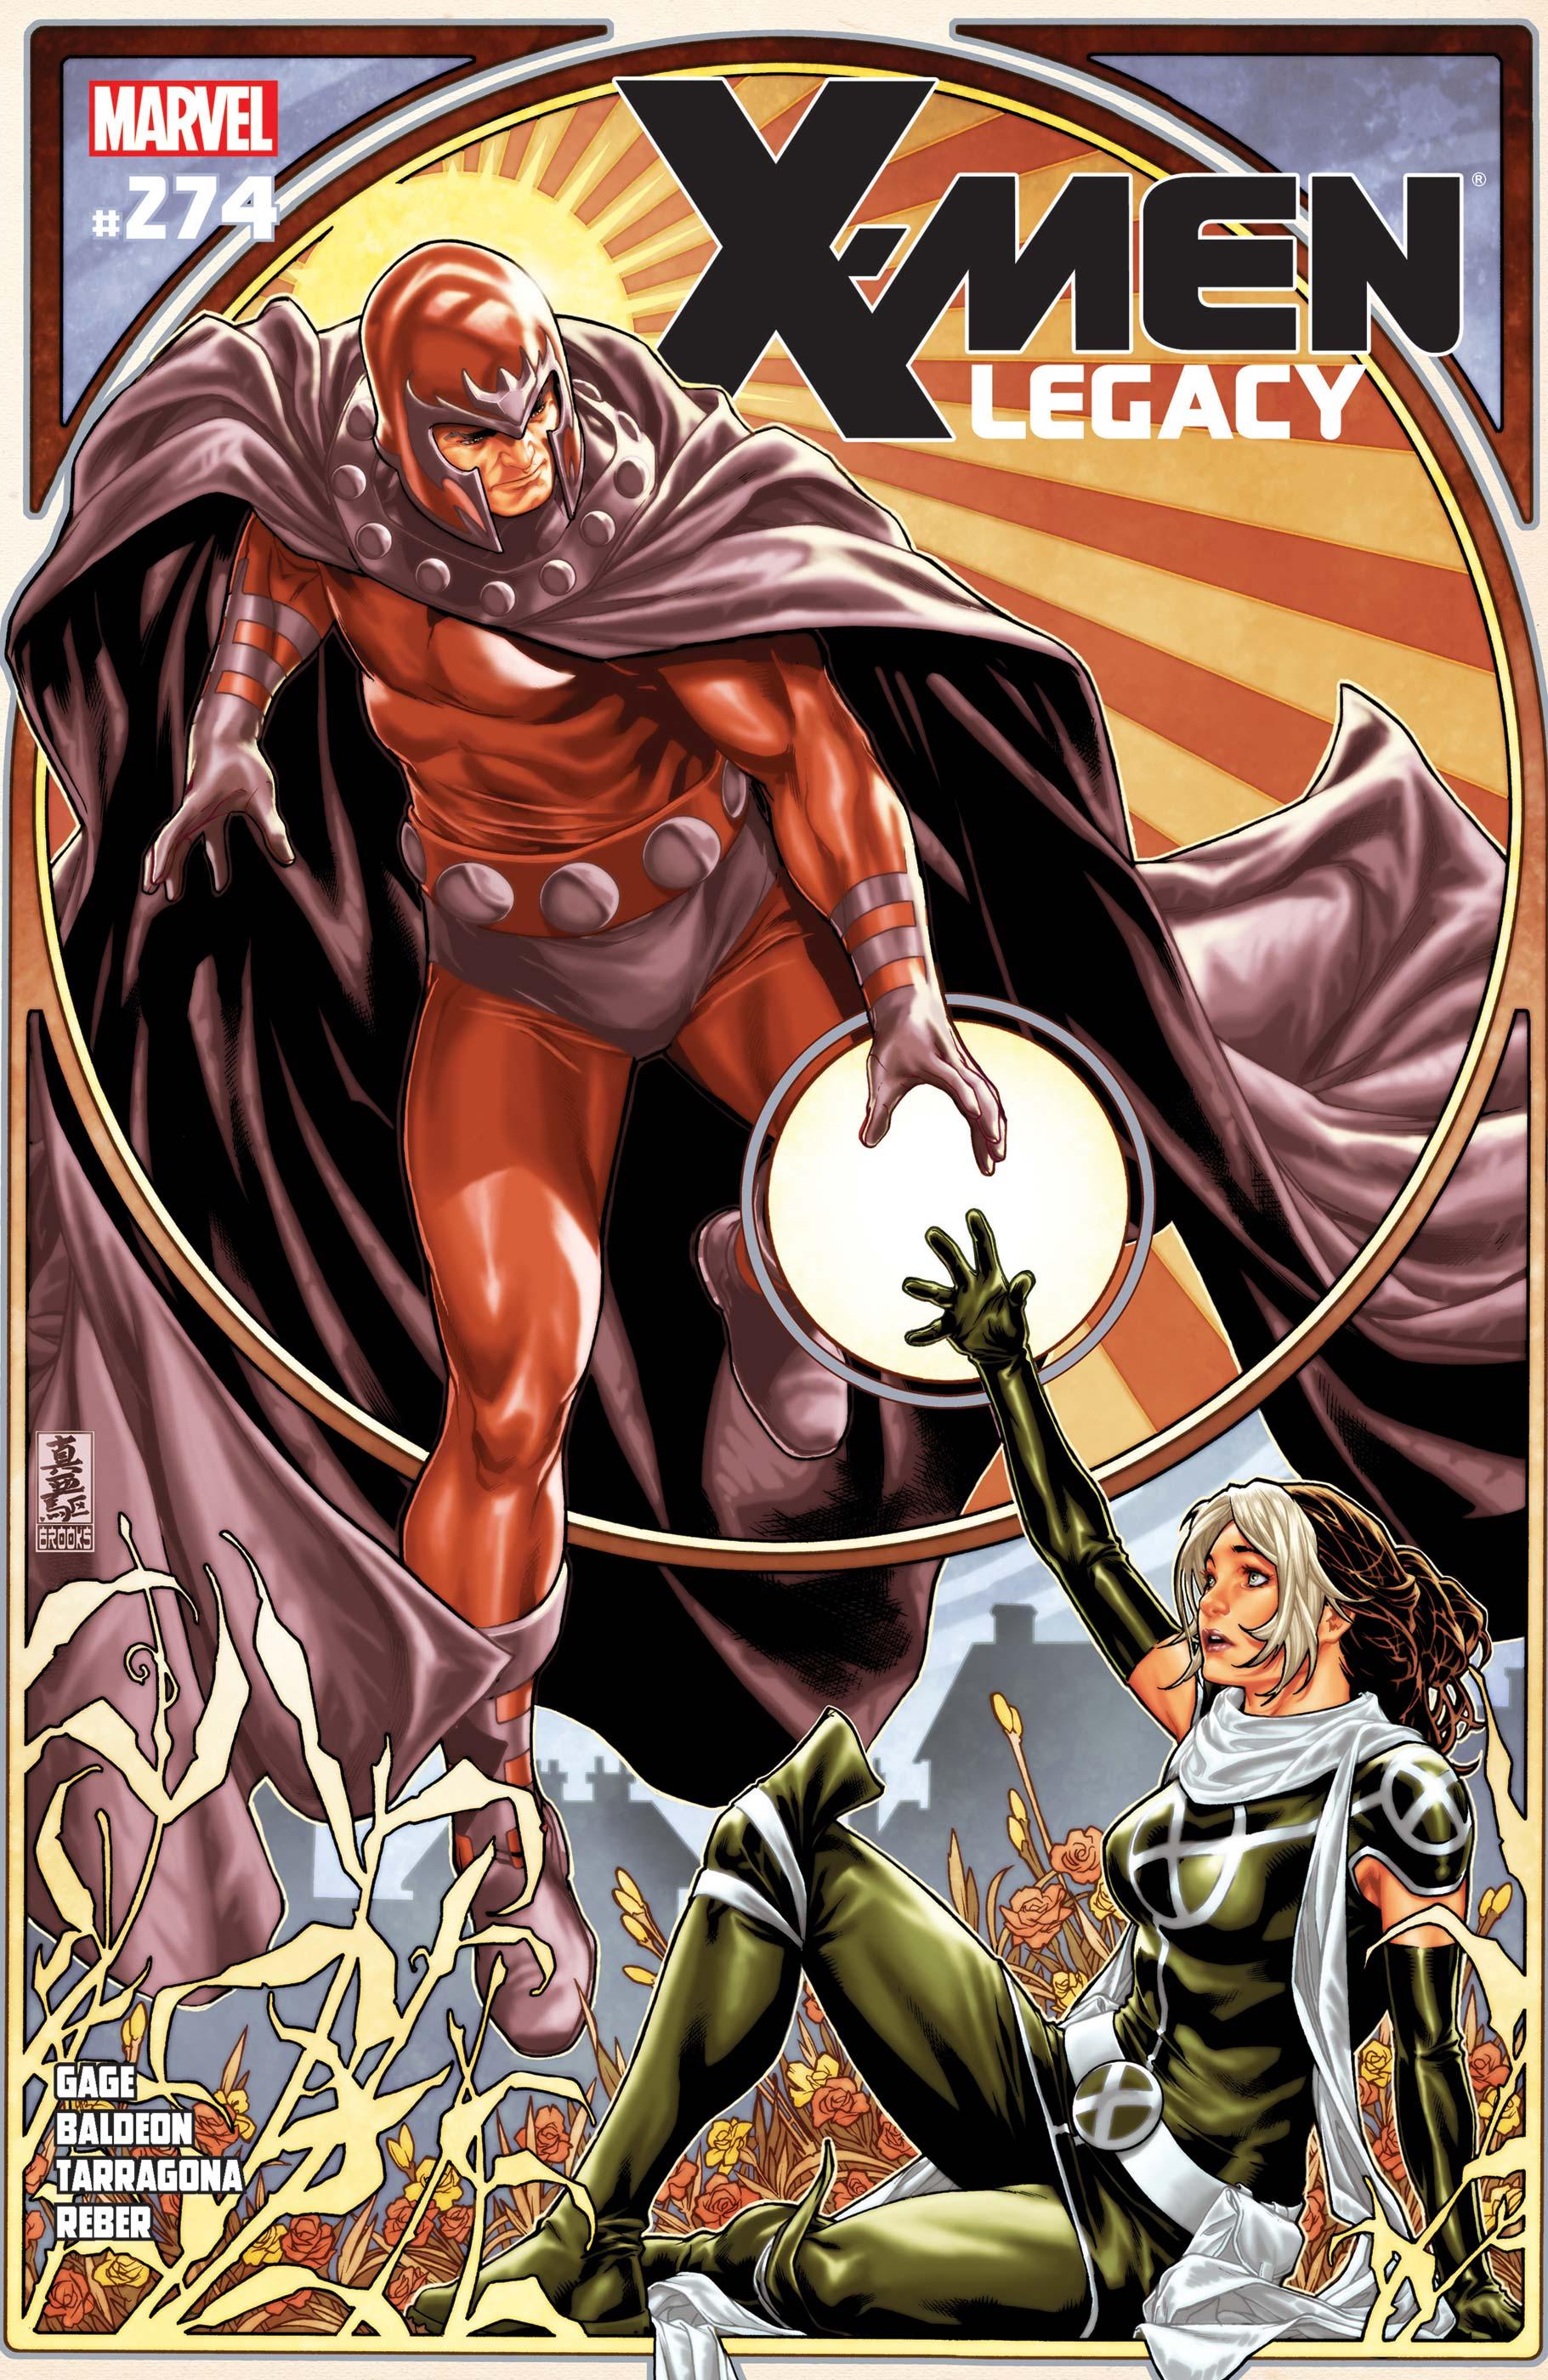 X-Men Legacy (2008) #274